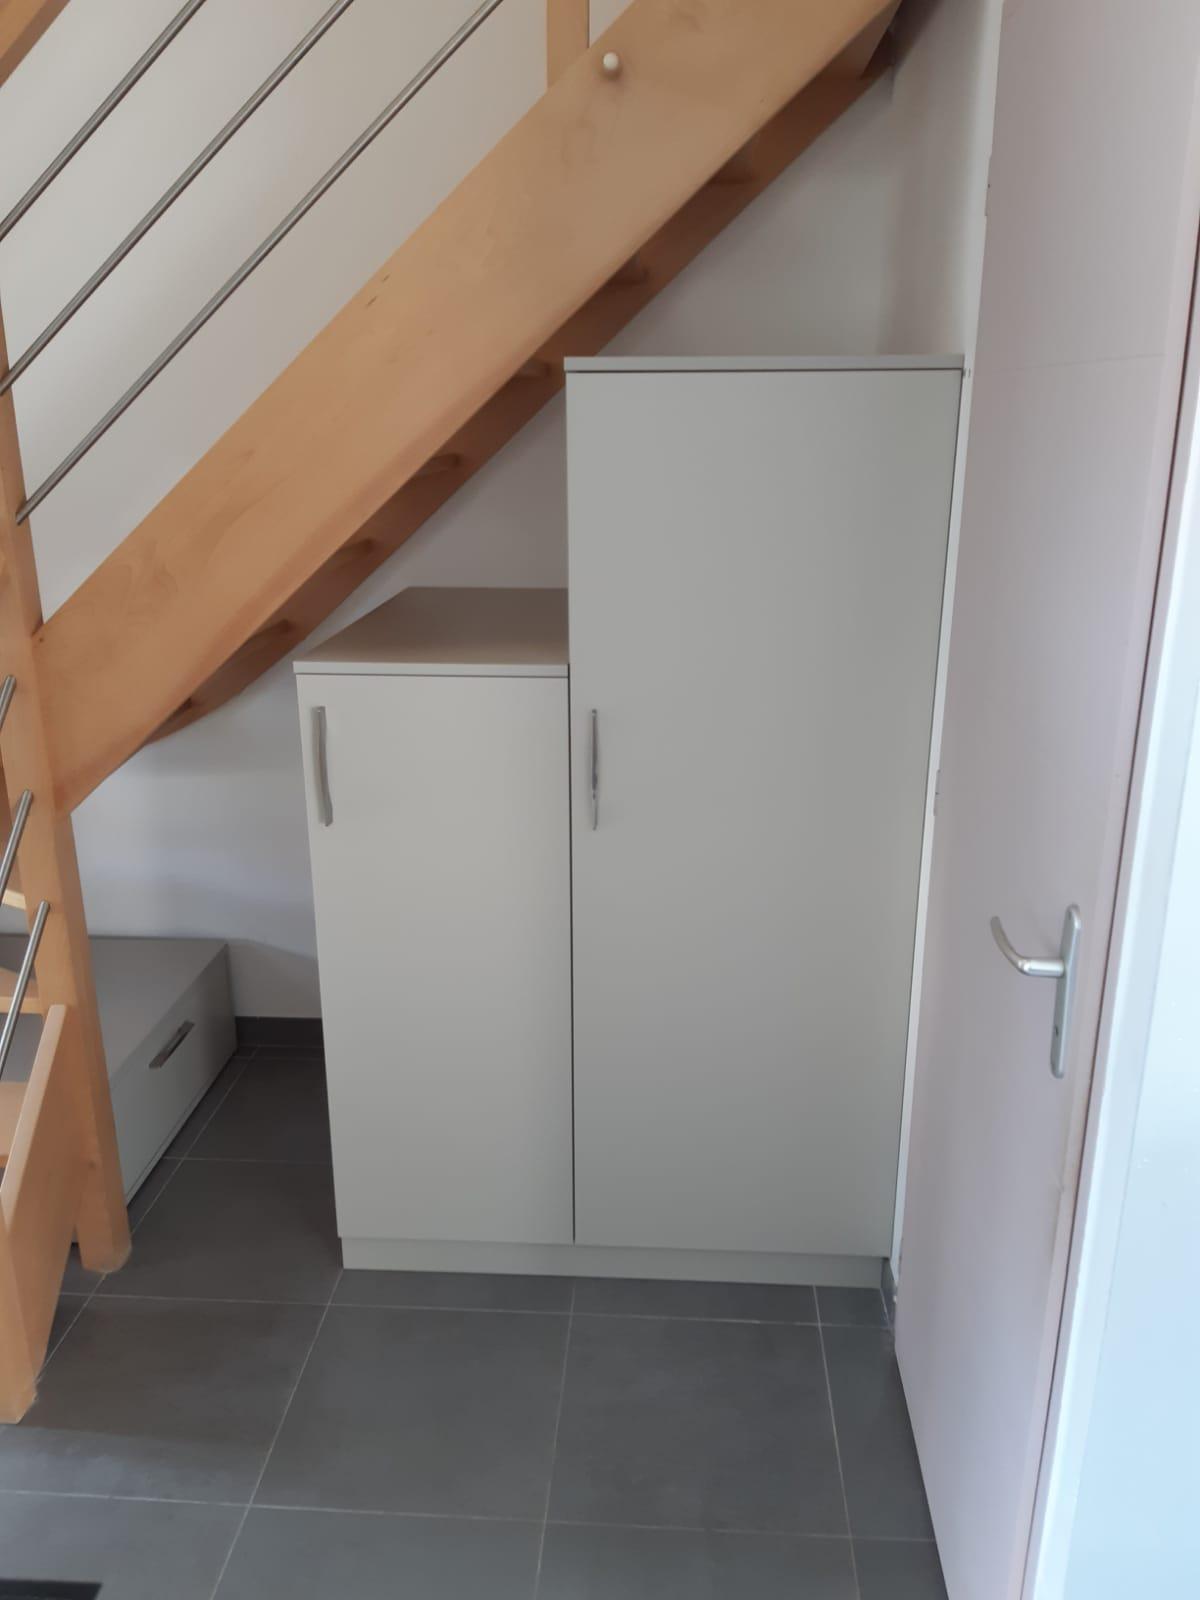 Aménagement sous l'escalier sans contremarche